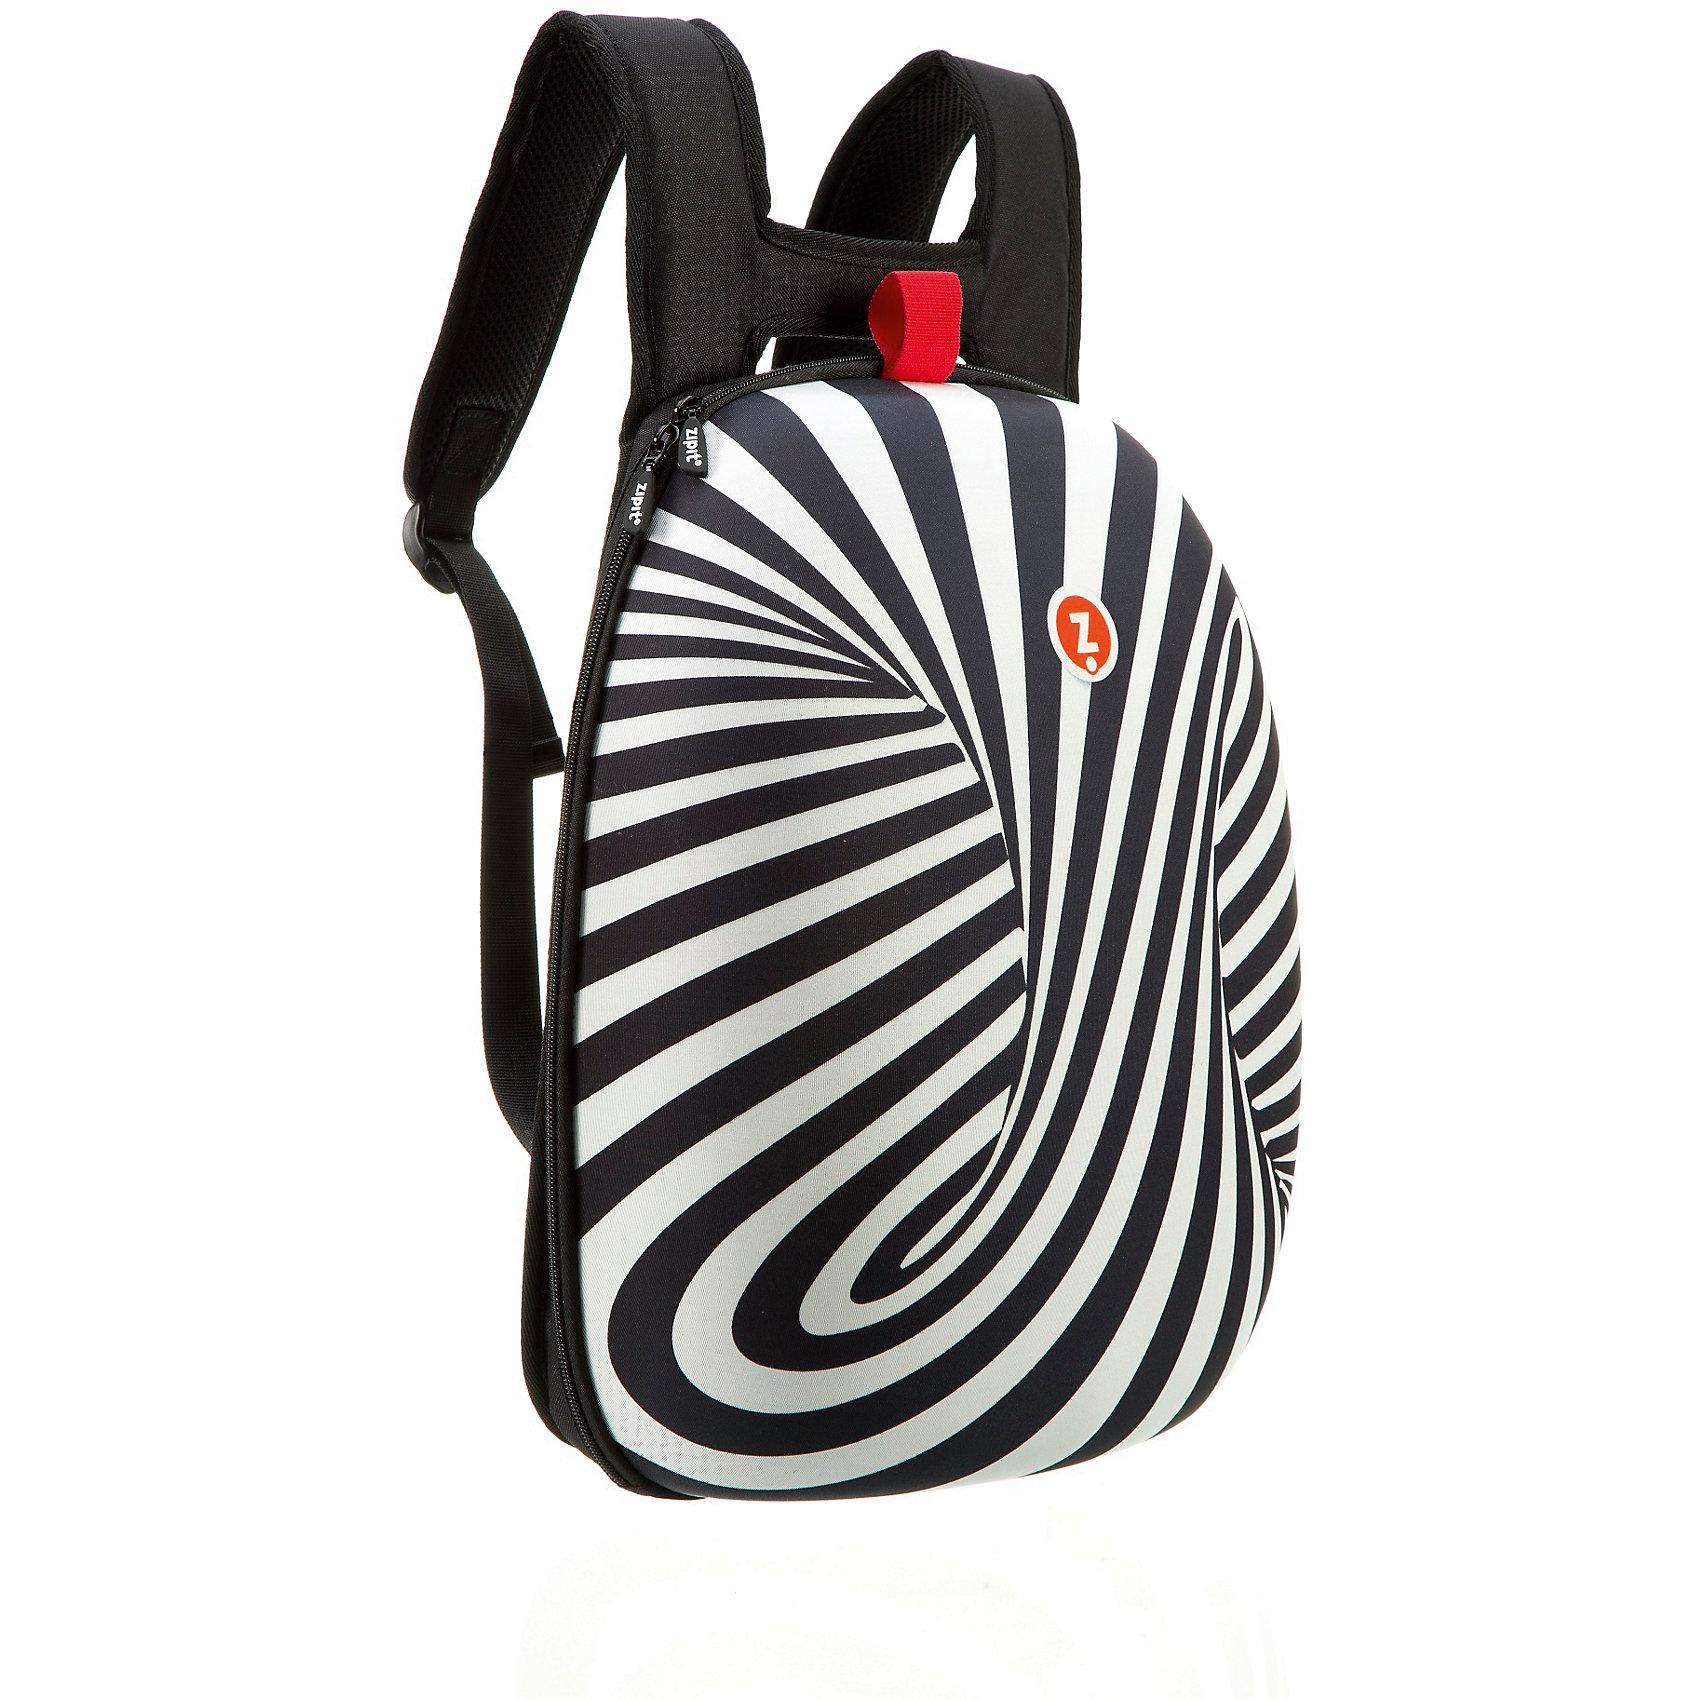 Рюкзак SHELL BACKPACKS, цвет черный/белыйРюкзаки<br>14 Notebook - ORGANIZER внутри - с 7 разными отделениями;  усиленная и дышащая спинка. Рюкзак очень легкий,  прочный -  Модный - Стильный - Сохранит в безопасности все Ваши Гаджеты<br><br>Ширина мм: 32<br>Глубина мм: 16<br>Высота мм: 41<br>Вес г: 400<br>Возраст от месяцев: 84<br>Возраст до месяцев: 180<br>Пол: Унисекс<br>Возраст: Детский<br>SKU: 5344348